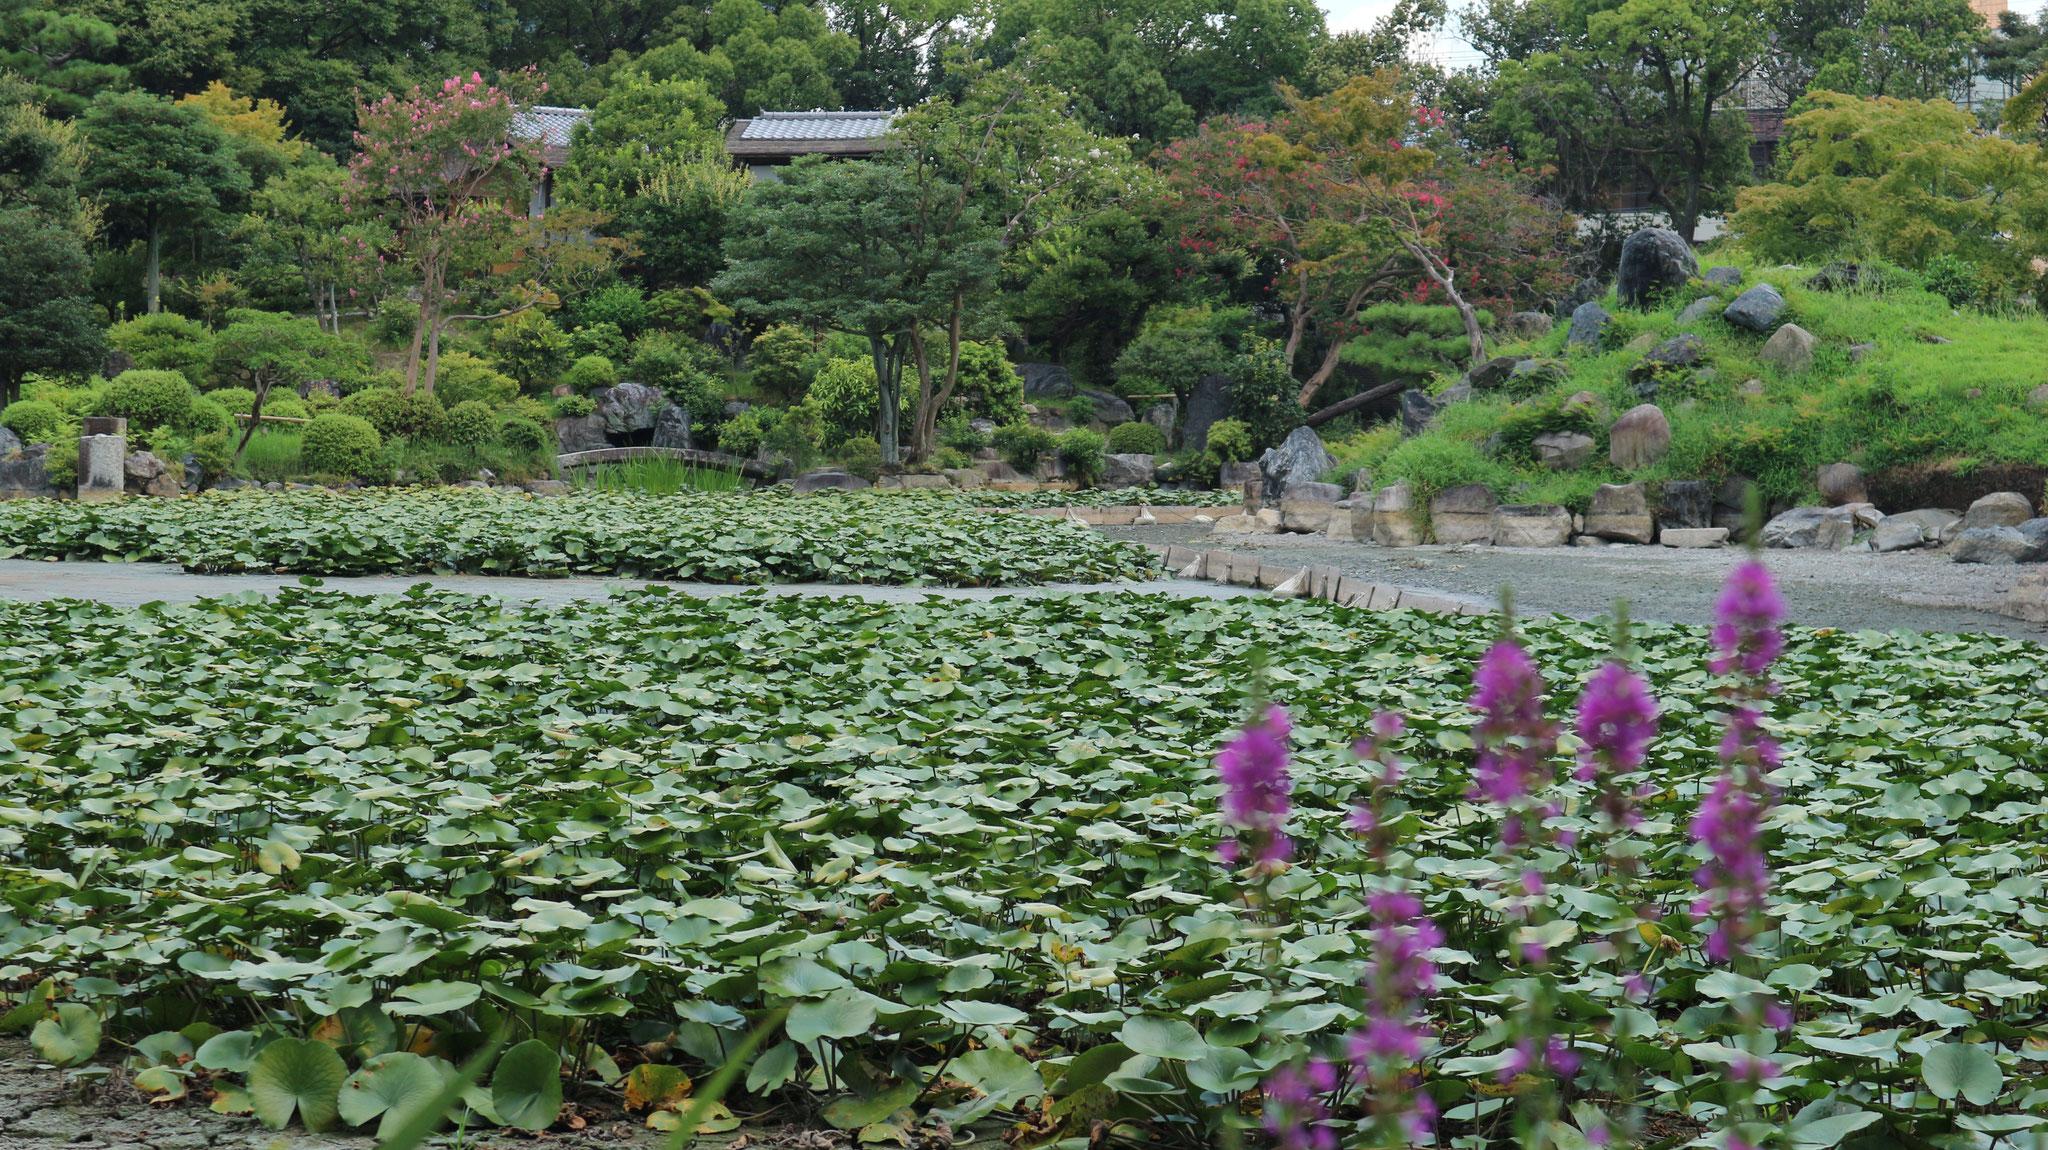 水のない印月池(いんげつち)